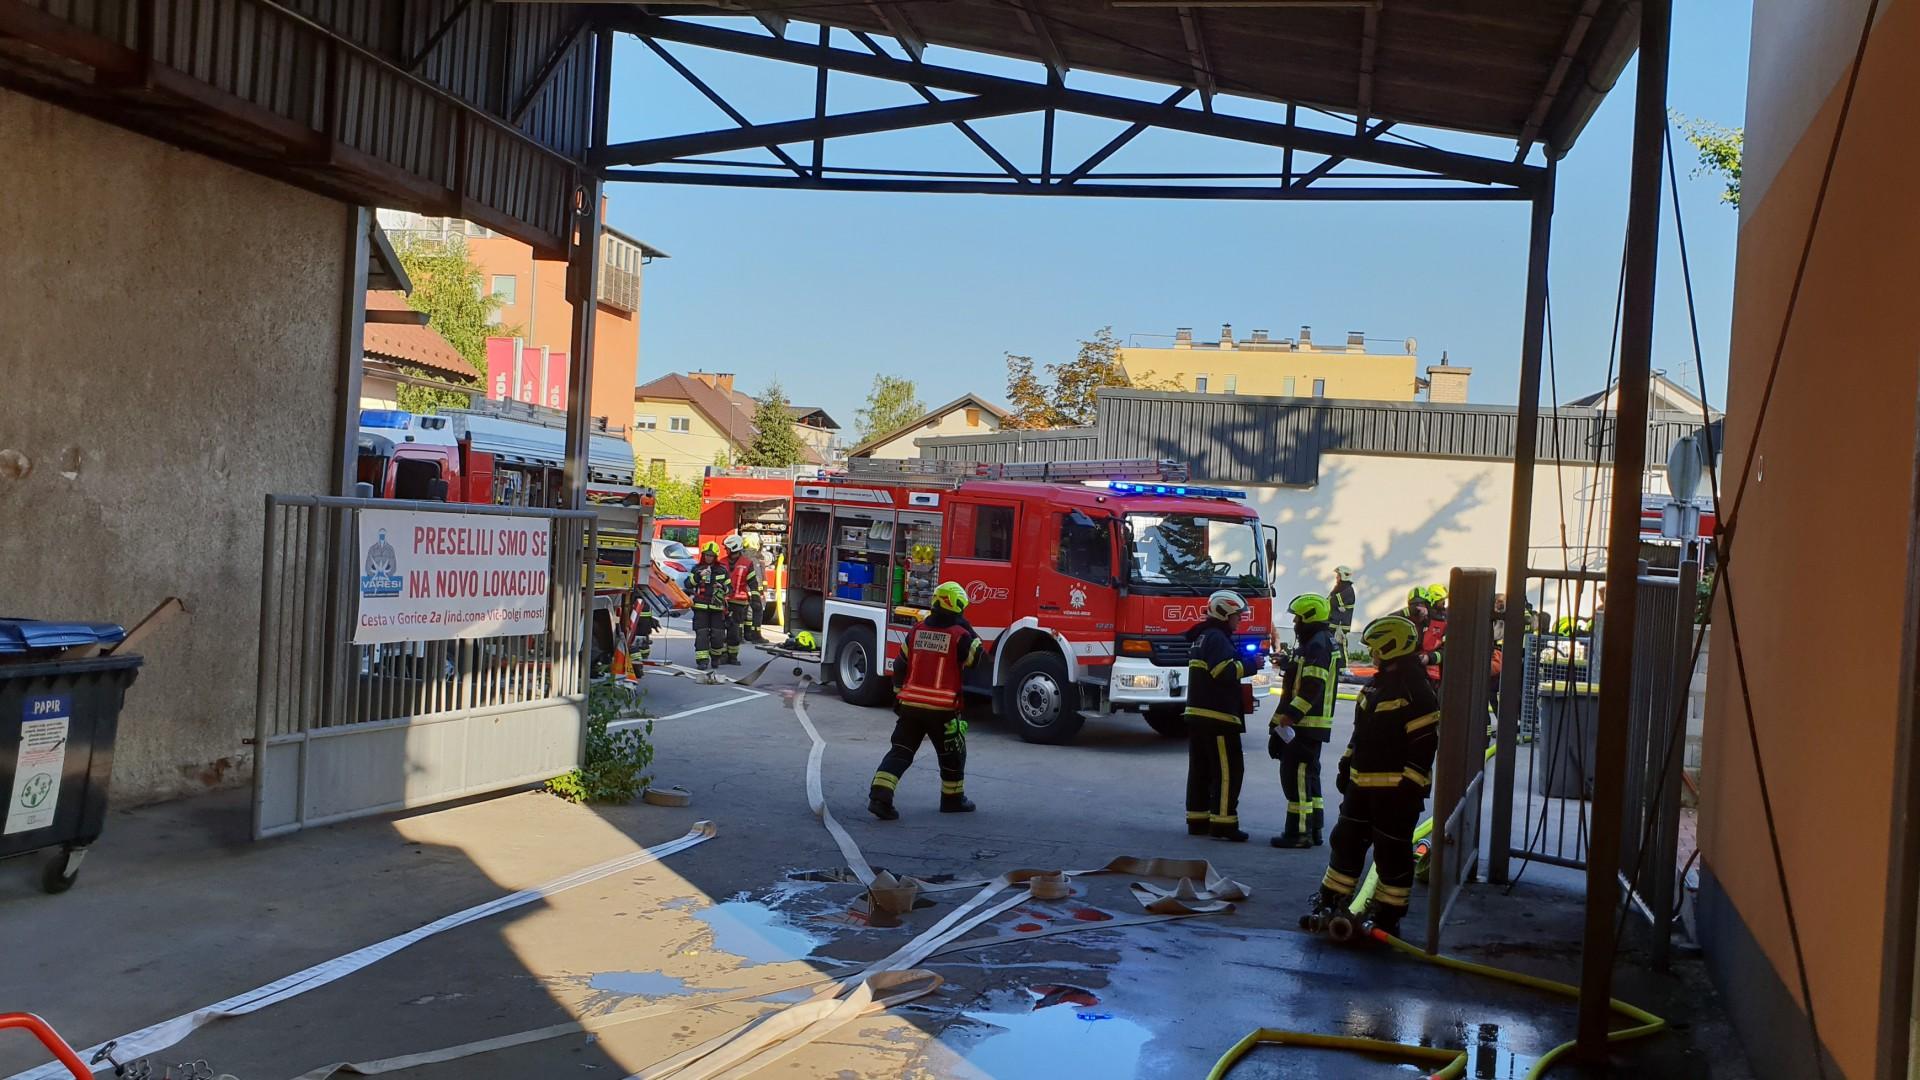 Meddruštvena vaja požara, v objektu ukleščen delavec - Prušnikova ulica 73